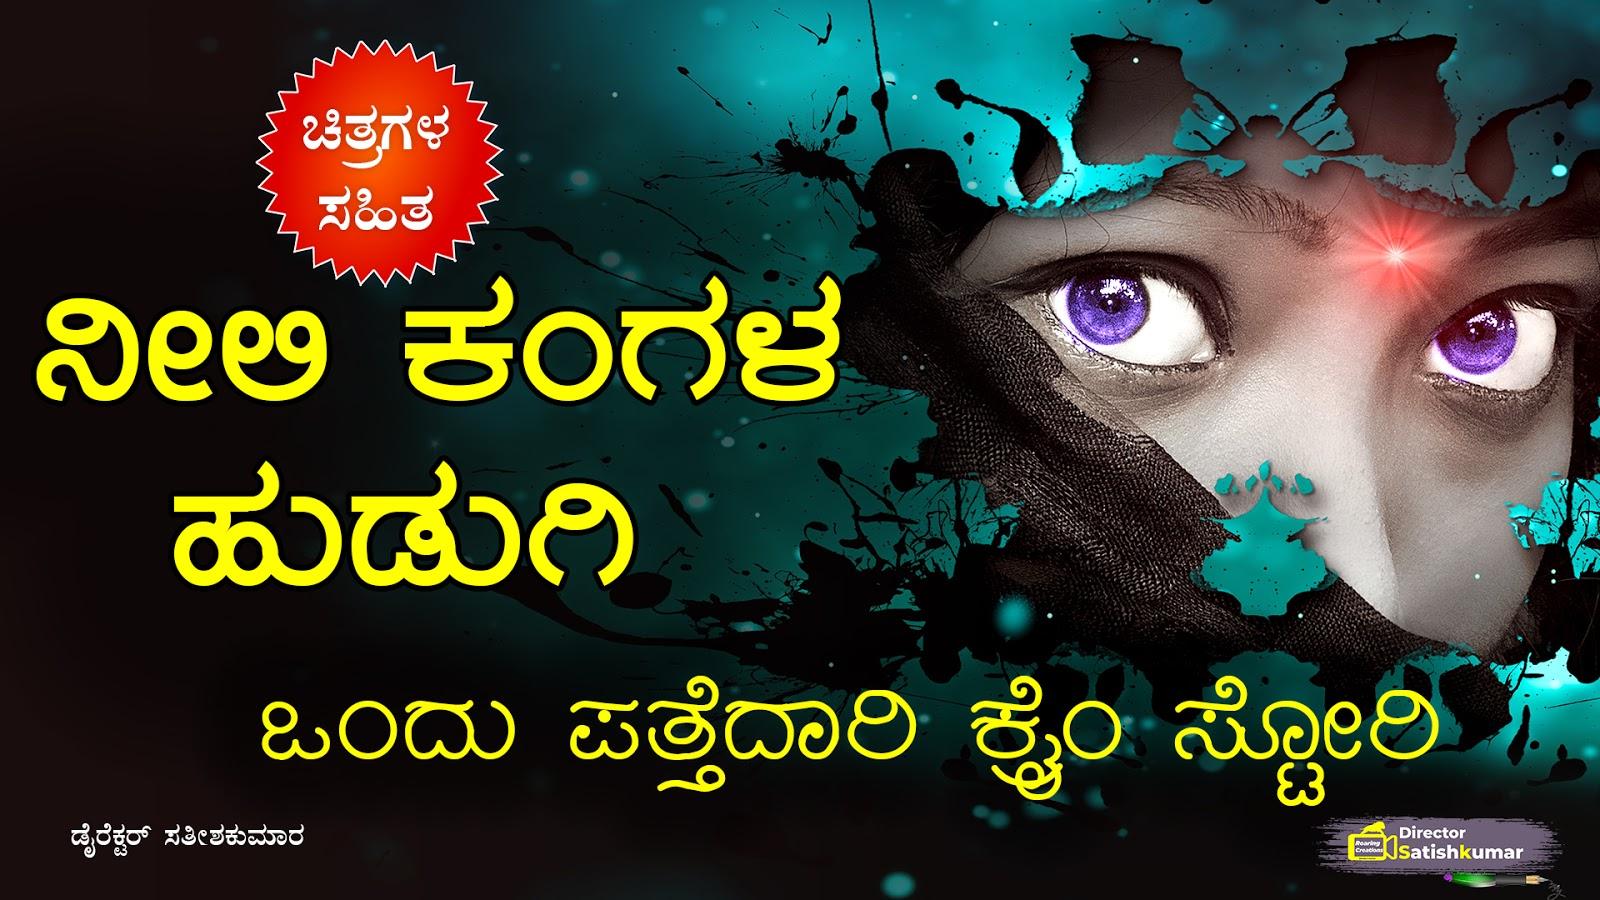 ನೀಲಿ ಕಂಗಳ ಹುಡುಗಿ :  ಒಂದು ಪತ್ತೆದಾರಿ ಕ್ರೈಂ ಸ್ಟೋರಿ  - One Detective Crime Story in Kannada - Kannada Stories - ಕನ್ನಡ ಕಥೆ ಪುಸ್ತಕಗಳು - Kannada Story Books -  E Books Kannada - Kannada Books